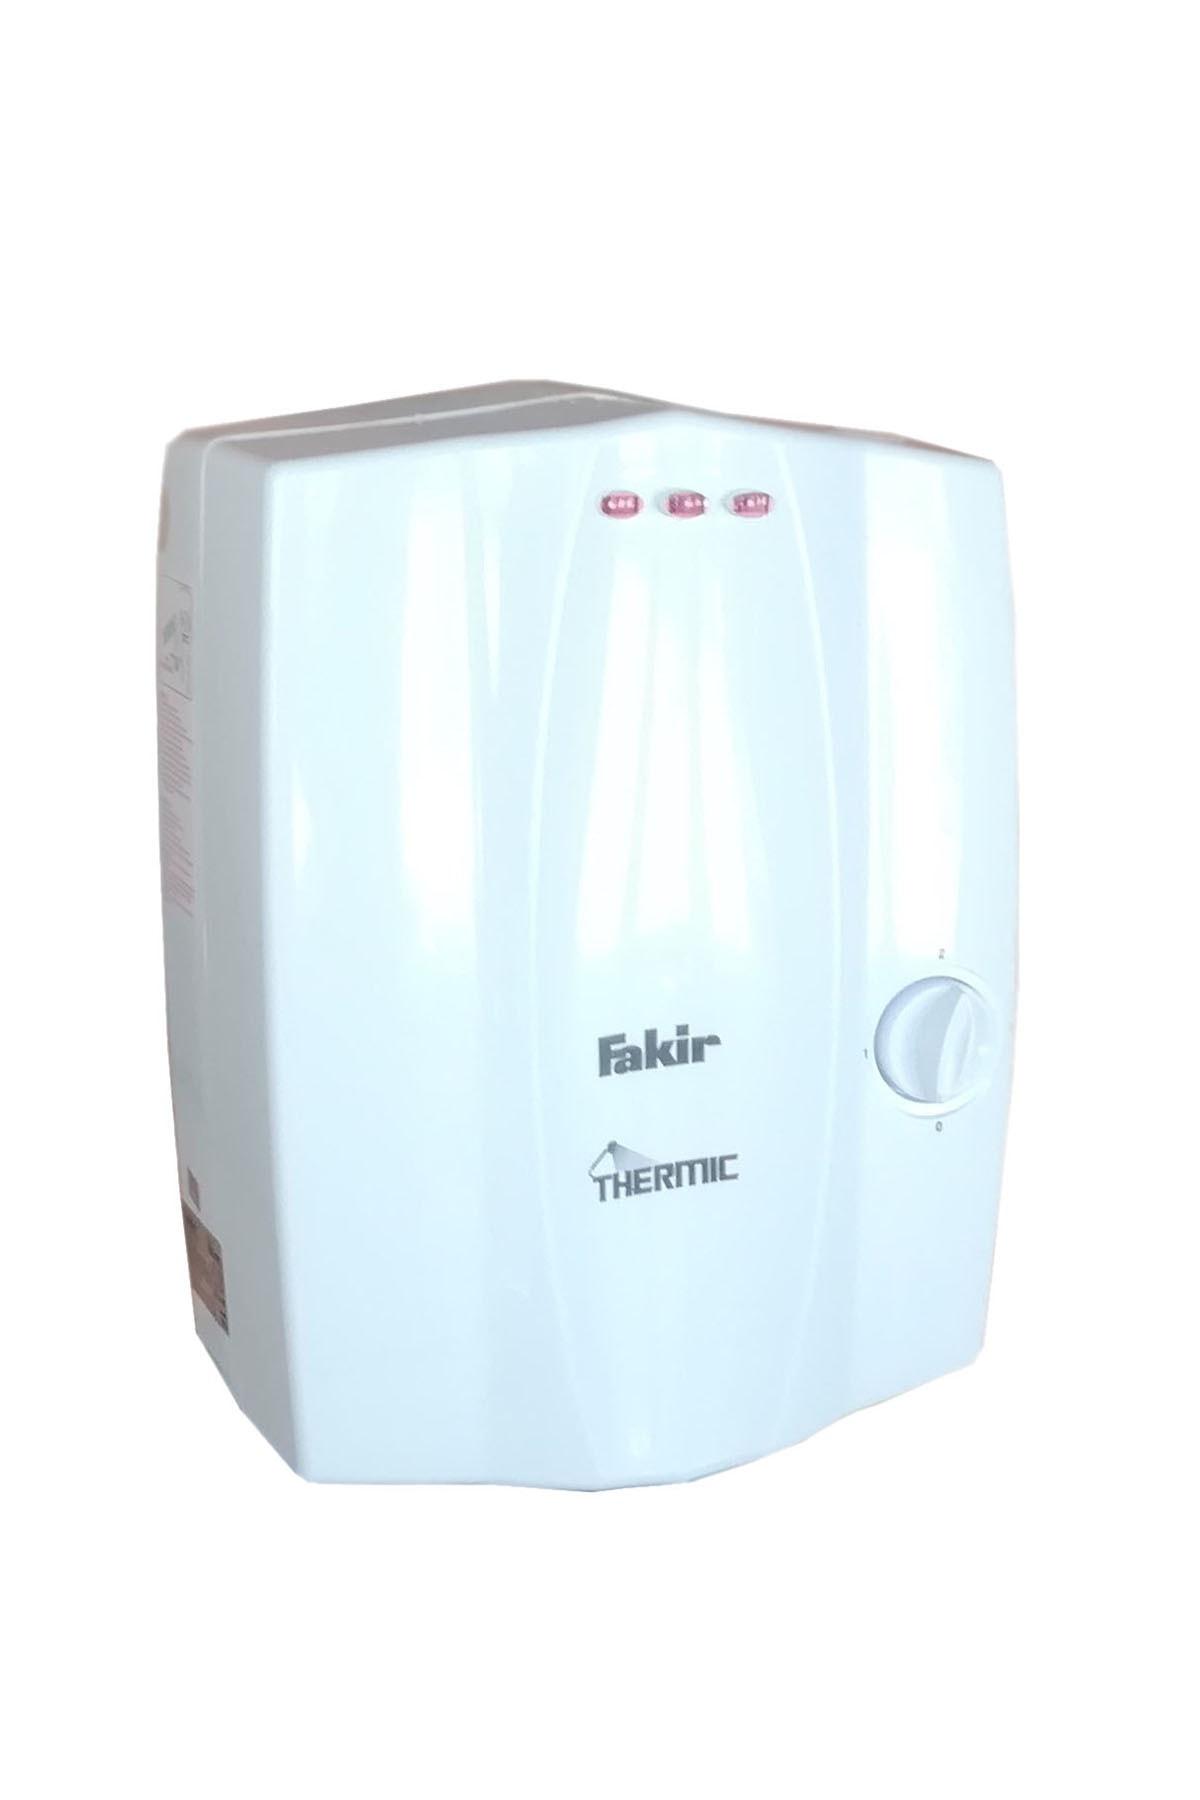 Fakir Thermic Elektrikli Şofben